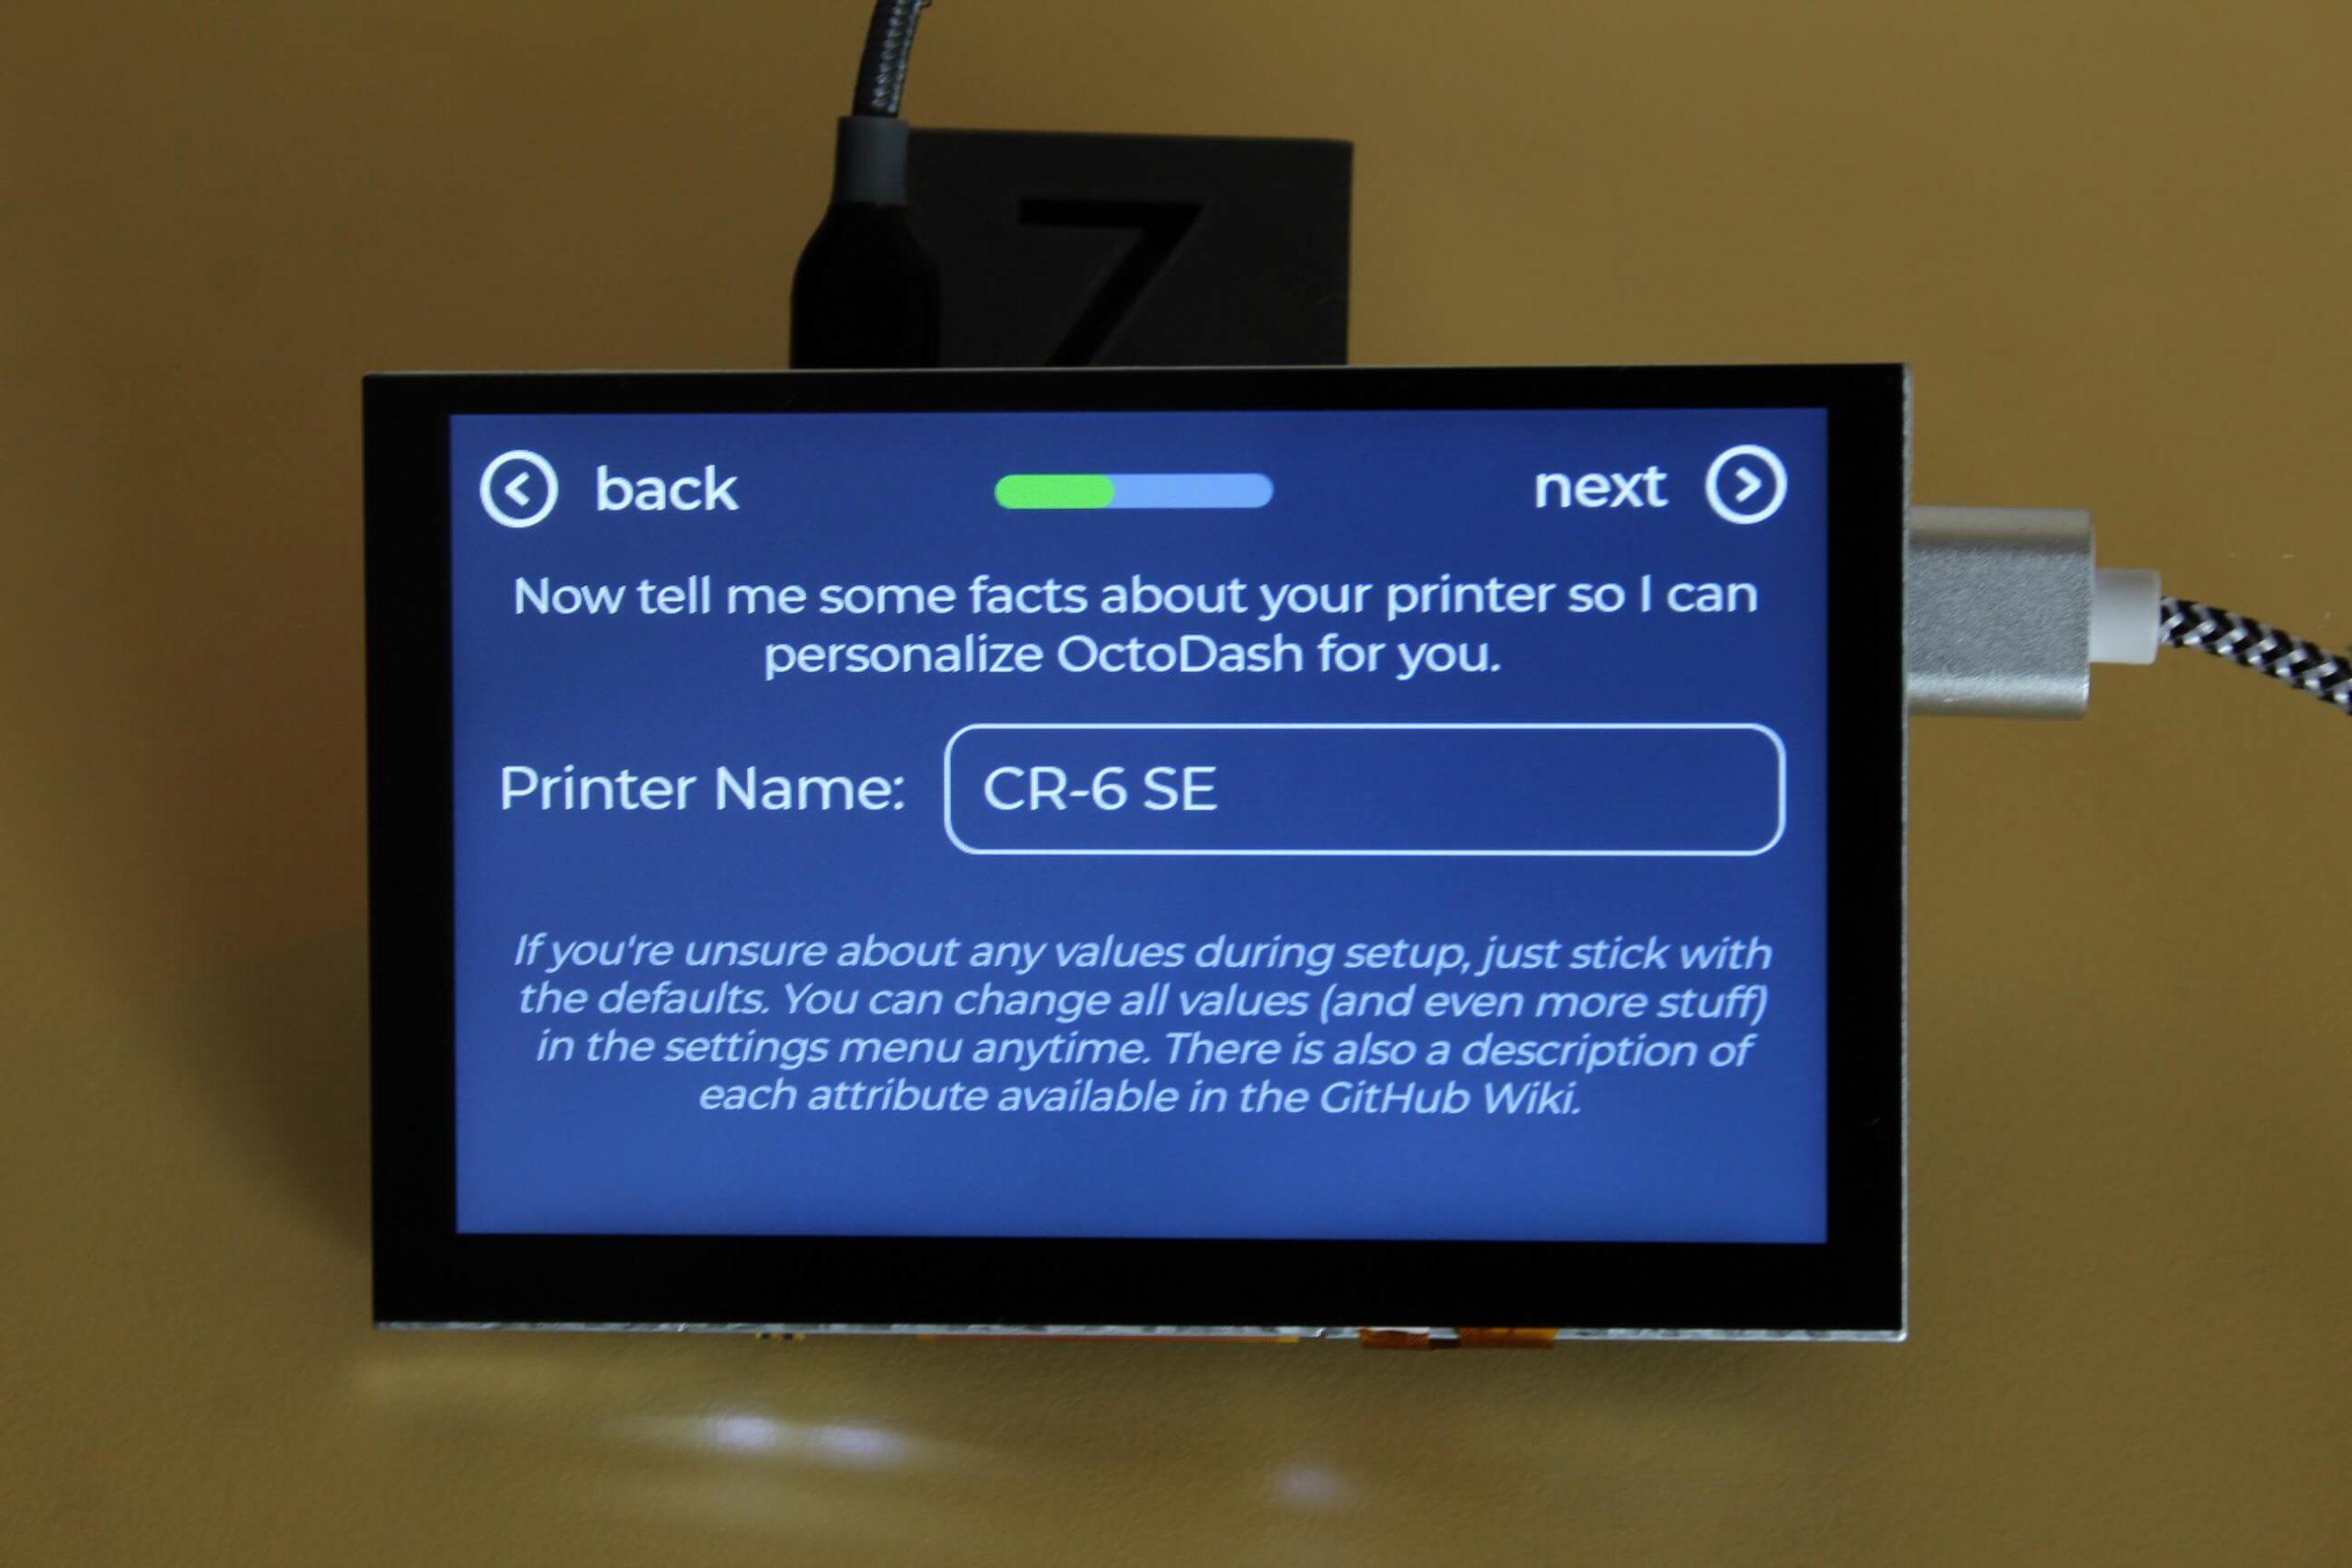 Configure-printer-name-in-OctoDash-2